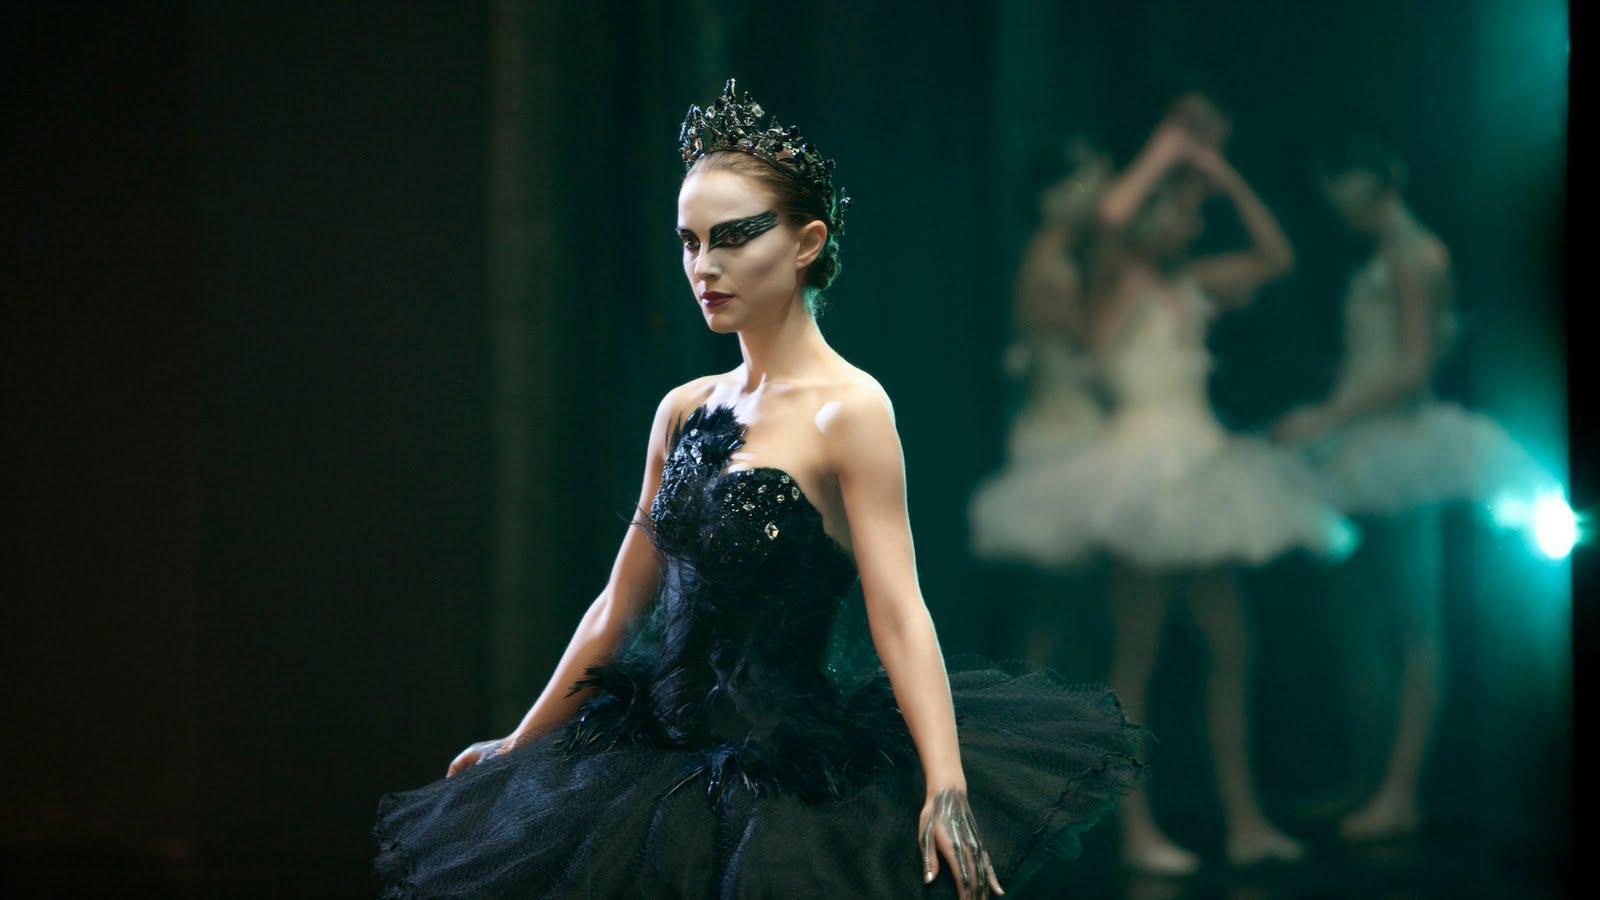 http://4.bp.blogspot.com/-VBlpXBiDCXo/TeFL97ji0OI/AAAAAAAAALE/q7jr7nz6kkQ/s1600/11+Black-Swan+Fot-Wallpaper-Photo-Natalie-Portman-as-Nina-Sayers-6.jpg